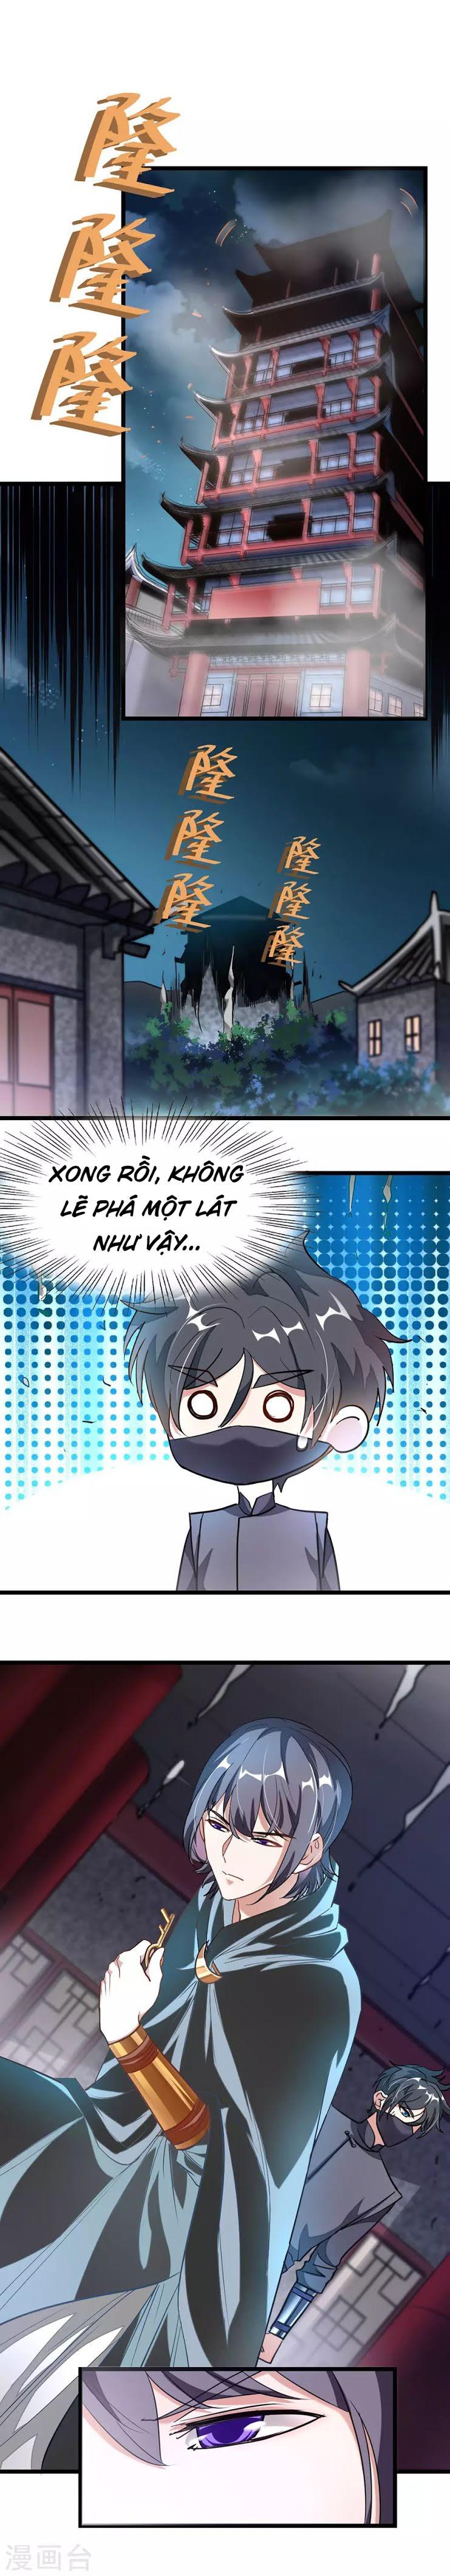 Cửu Dương Thần Vương chap 87 - Trang 3